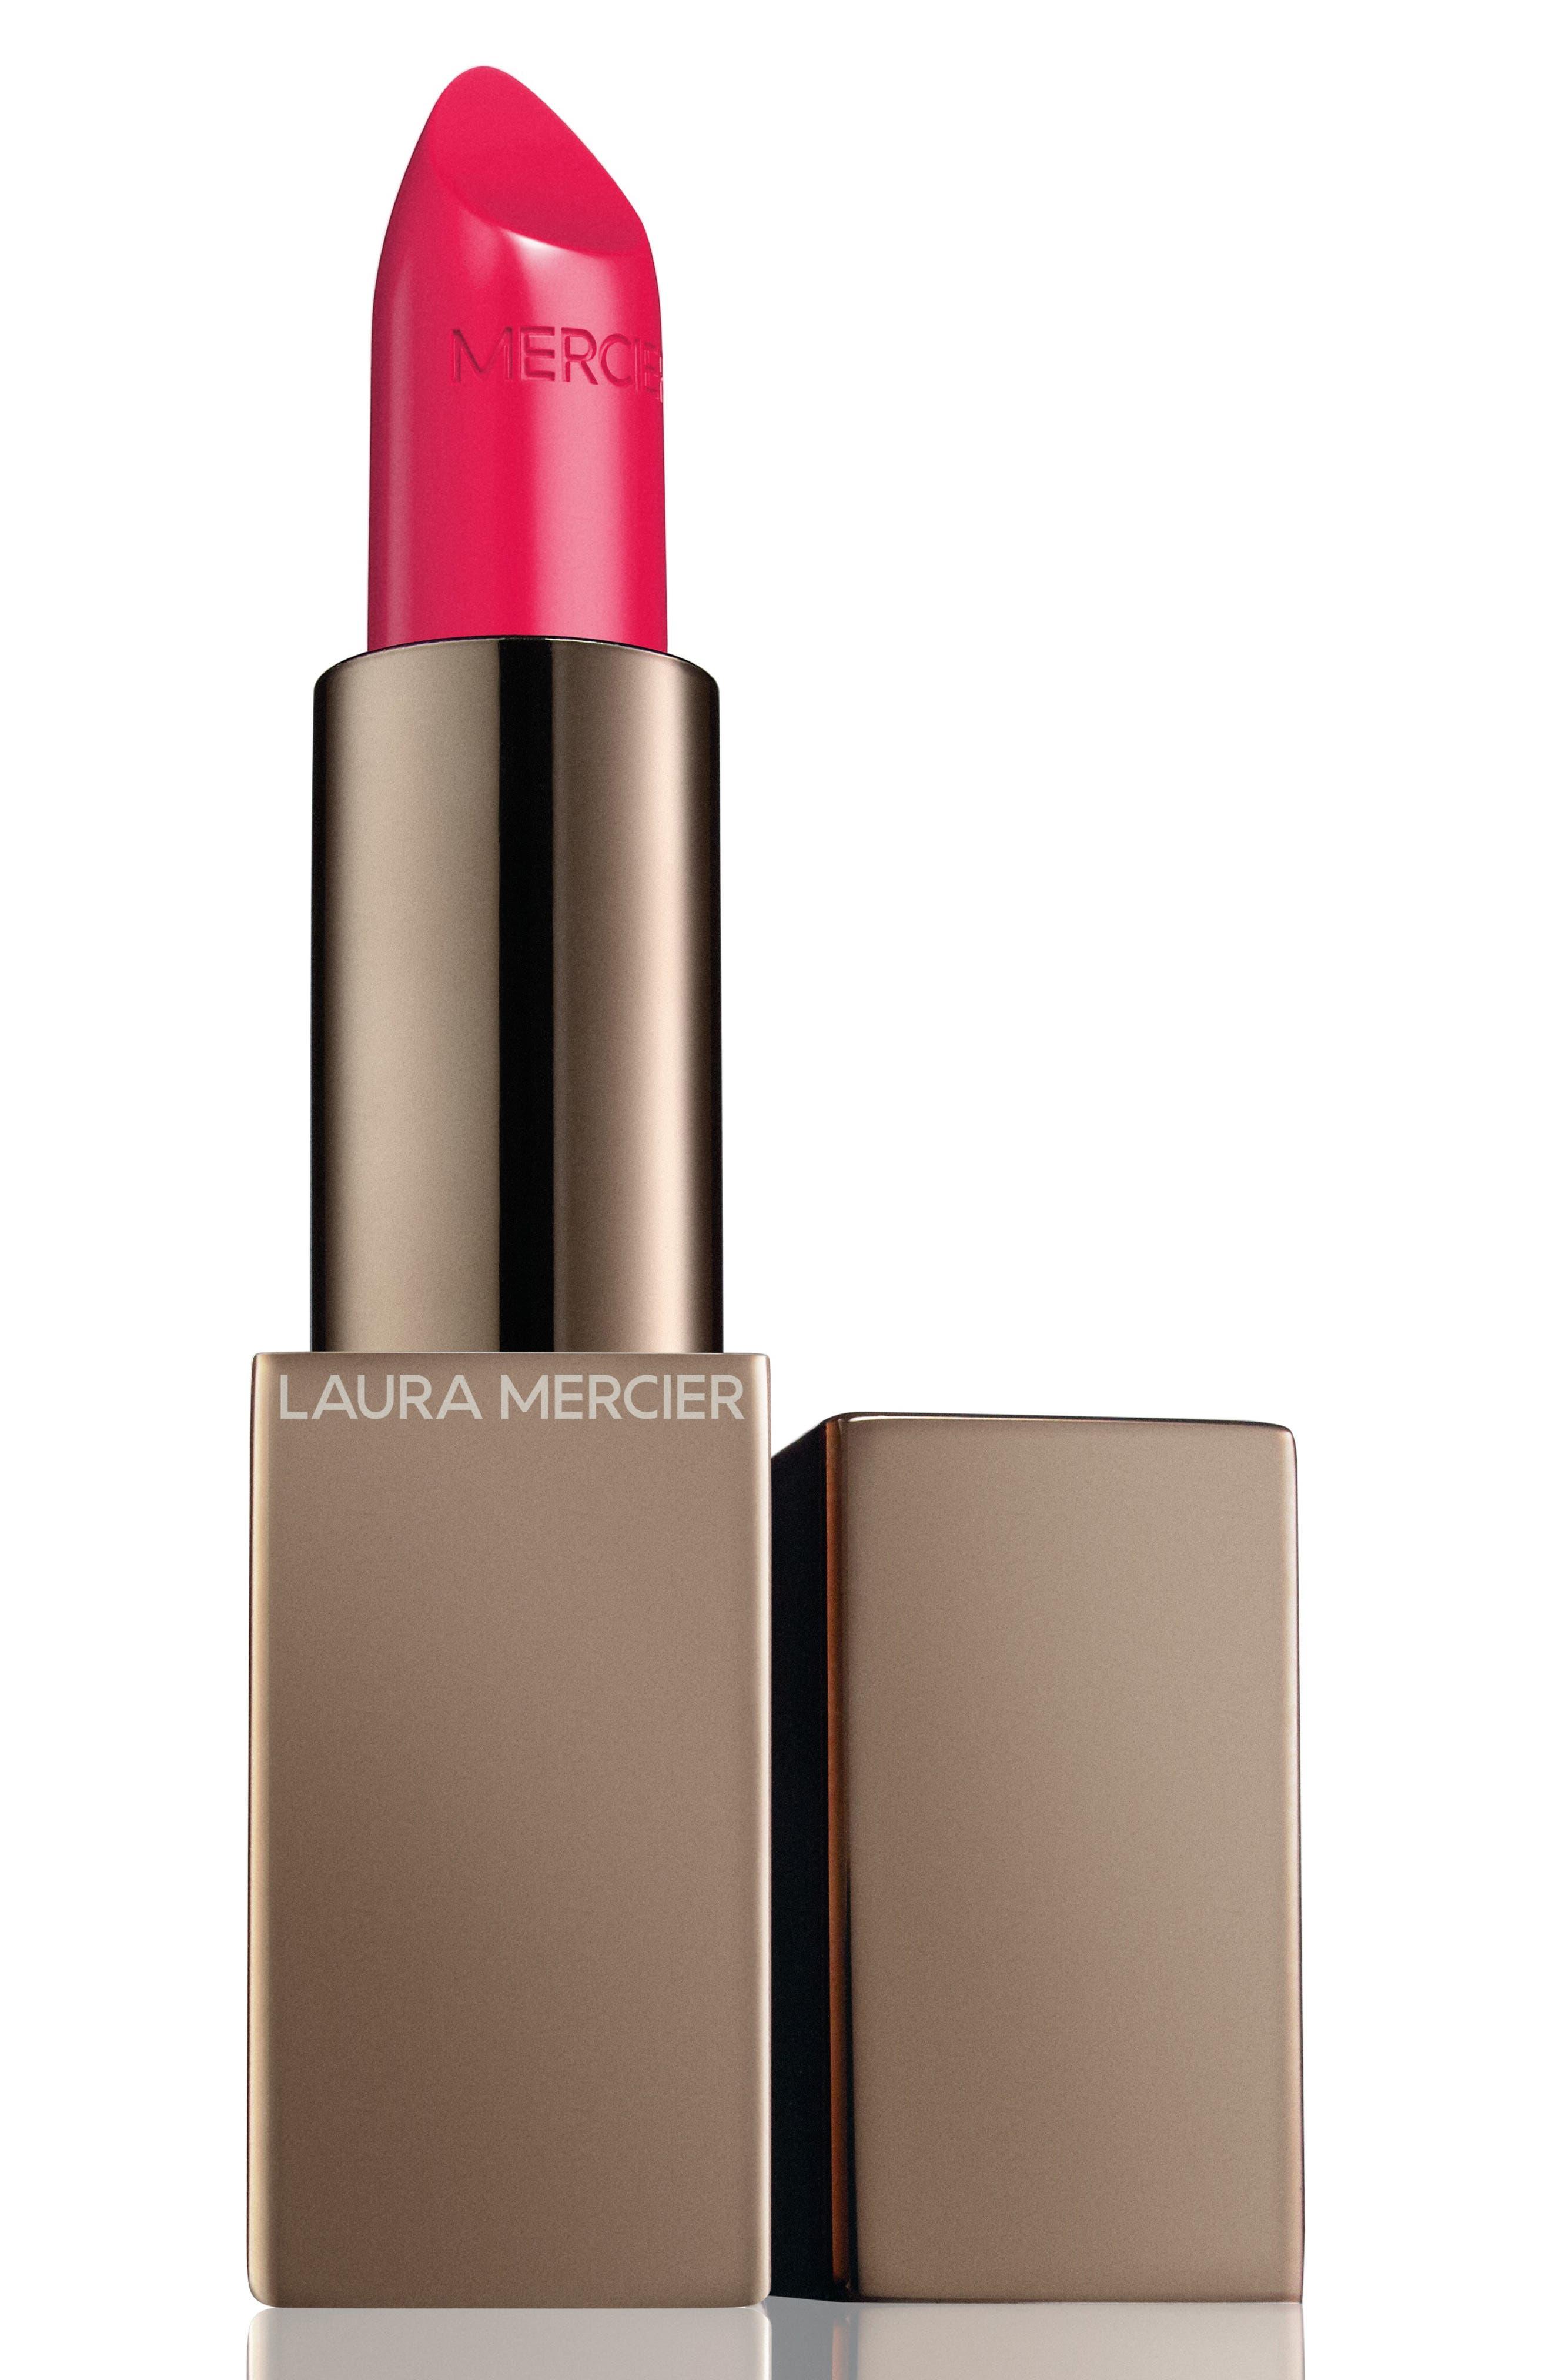 Rouge Essentiel Silky Creme Lipstick